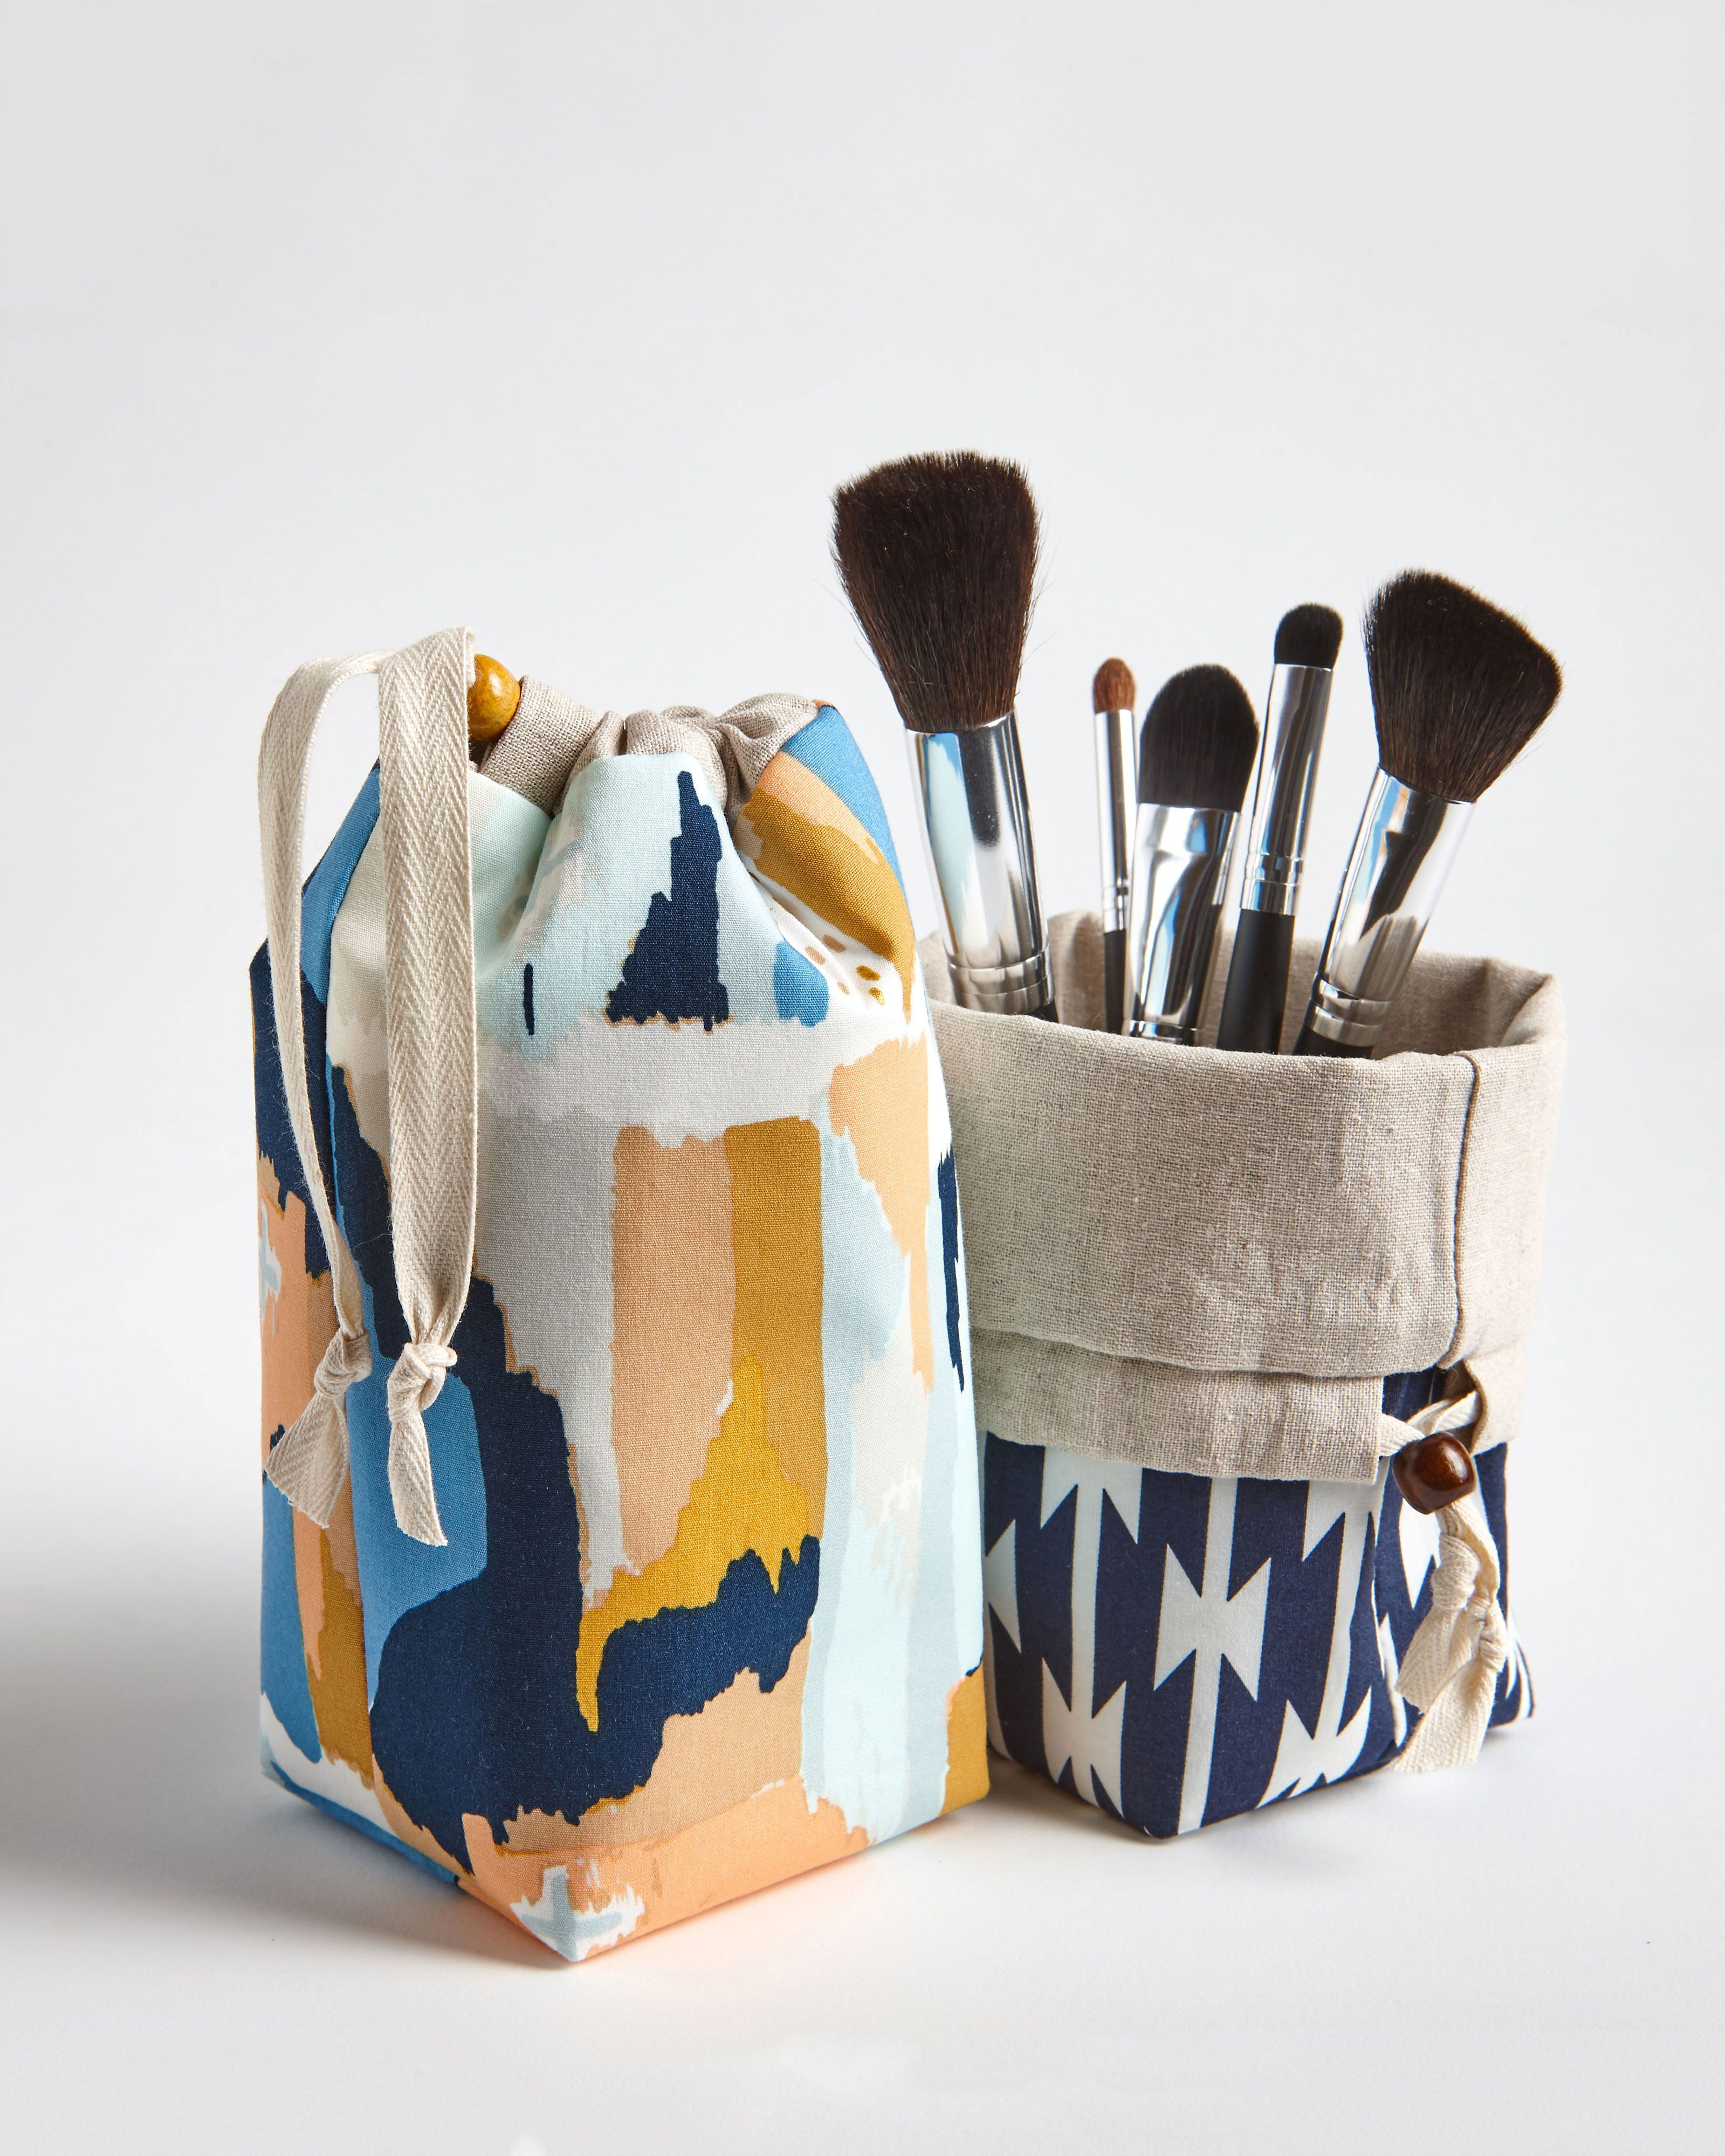 Travel Makeup Brush Holder, Makeup Brush Pouch, Makeup Bag